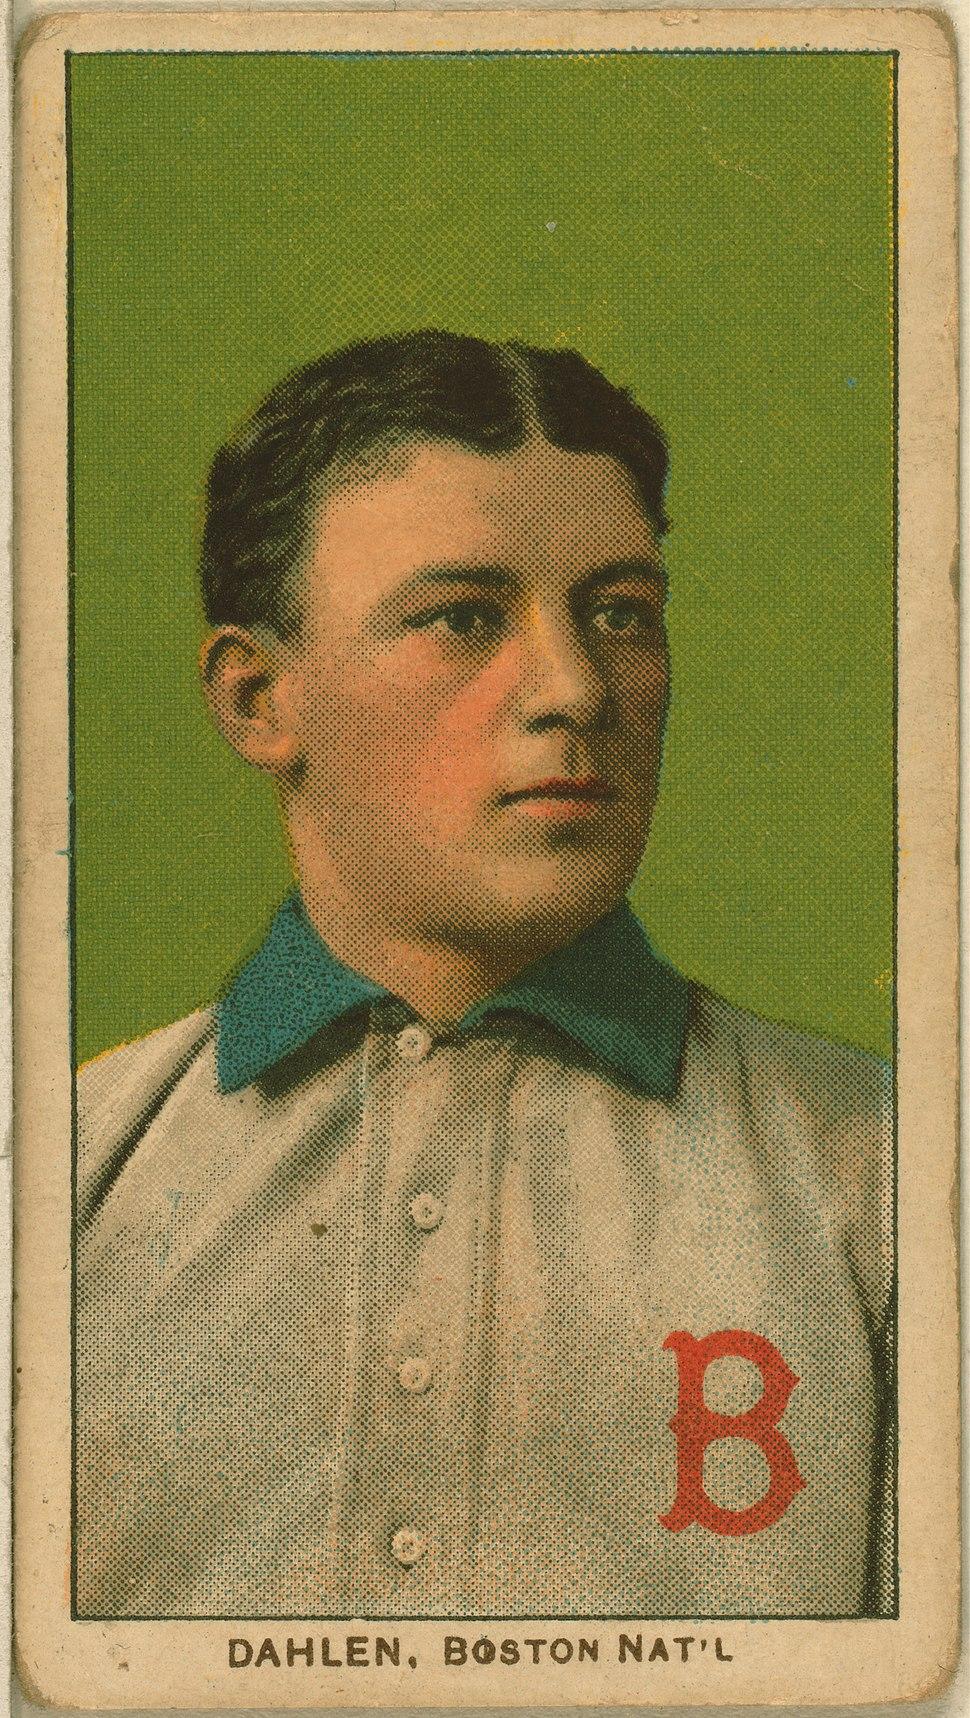 Bill Dahlen, Boston Doves, ca. 1910